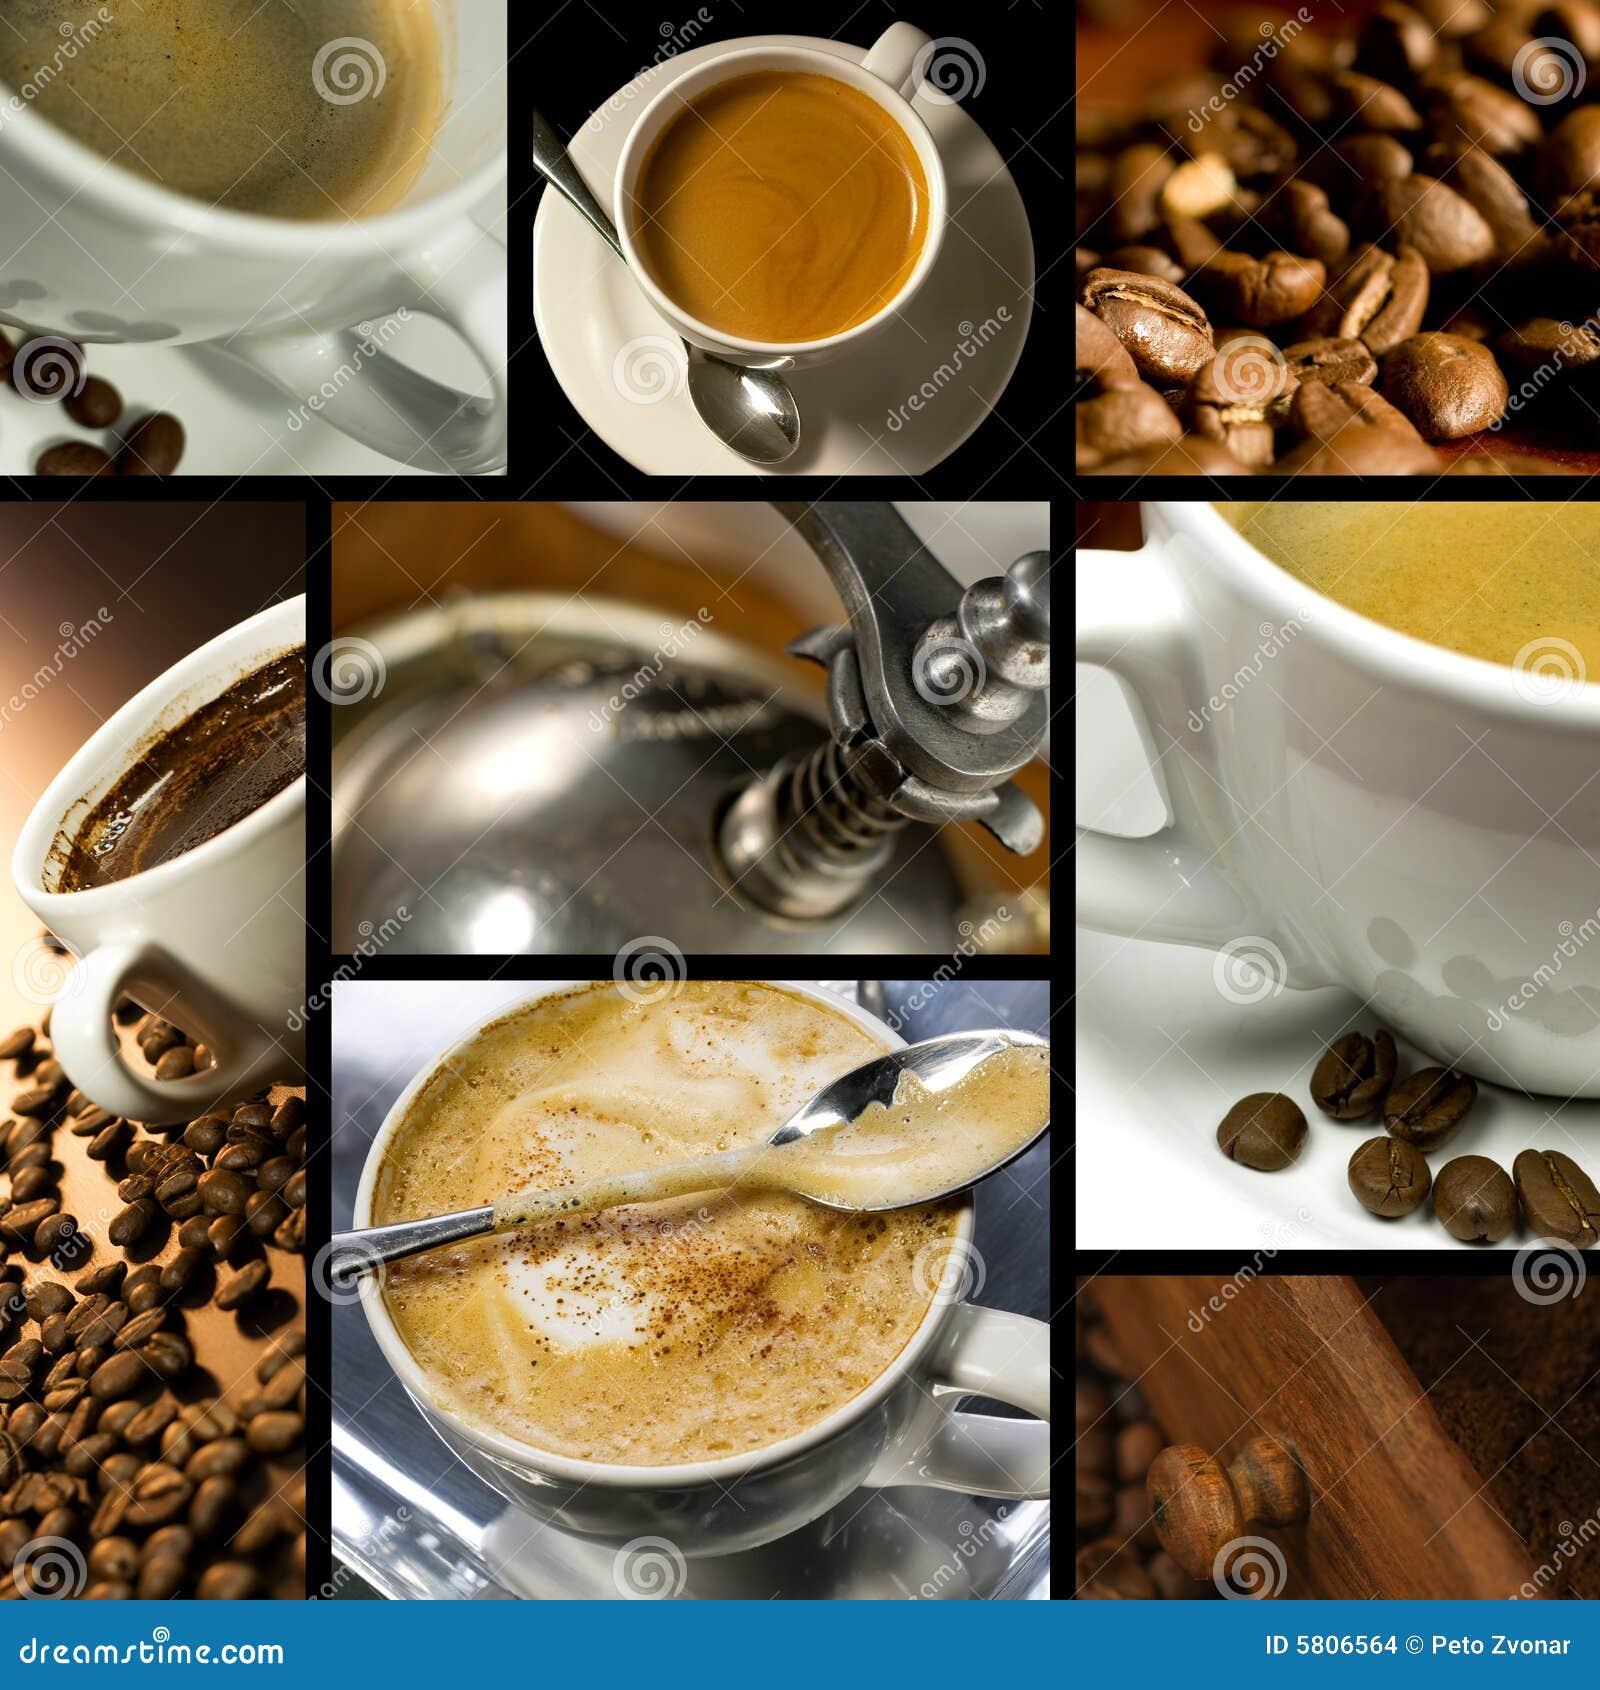 коллаж кофе опирающийся на определённую тему